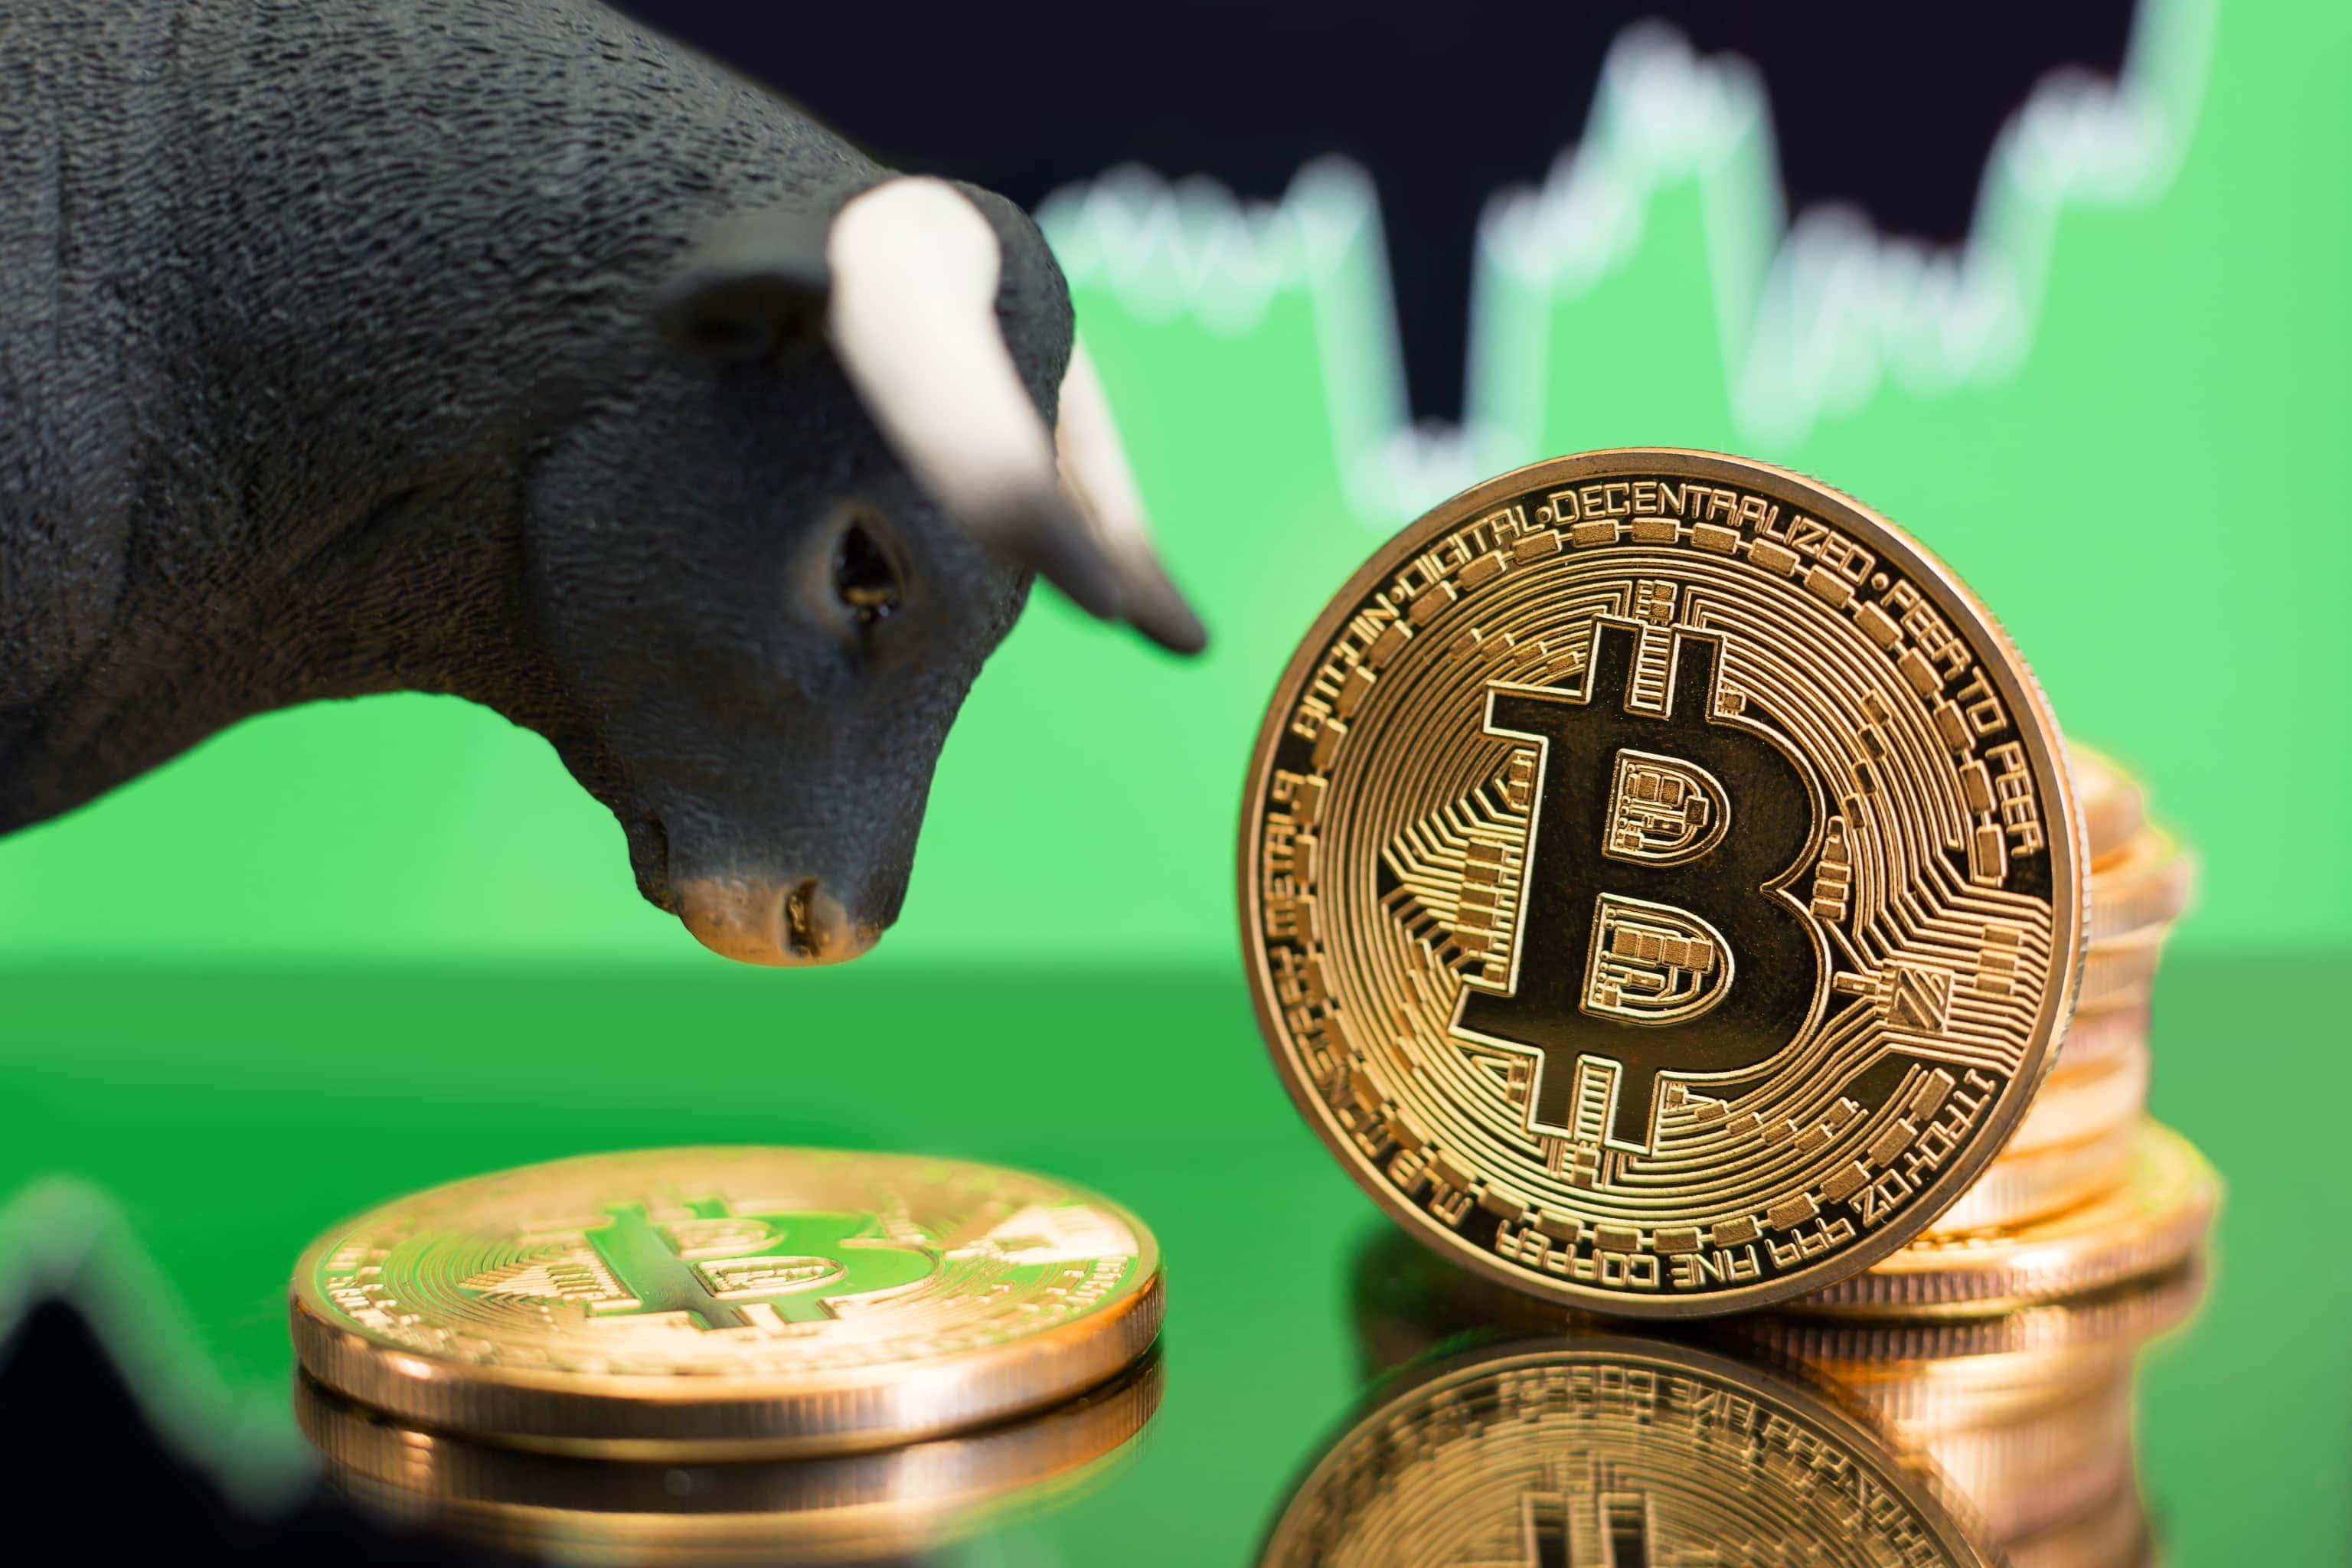 Alles anschnallen: Bitcoin-Kurs (BTC) hebt ab